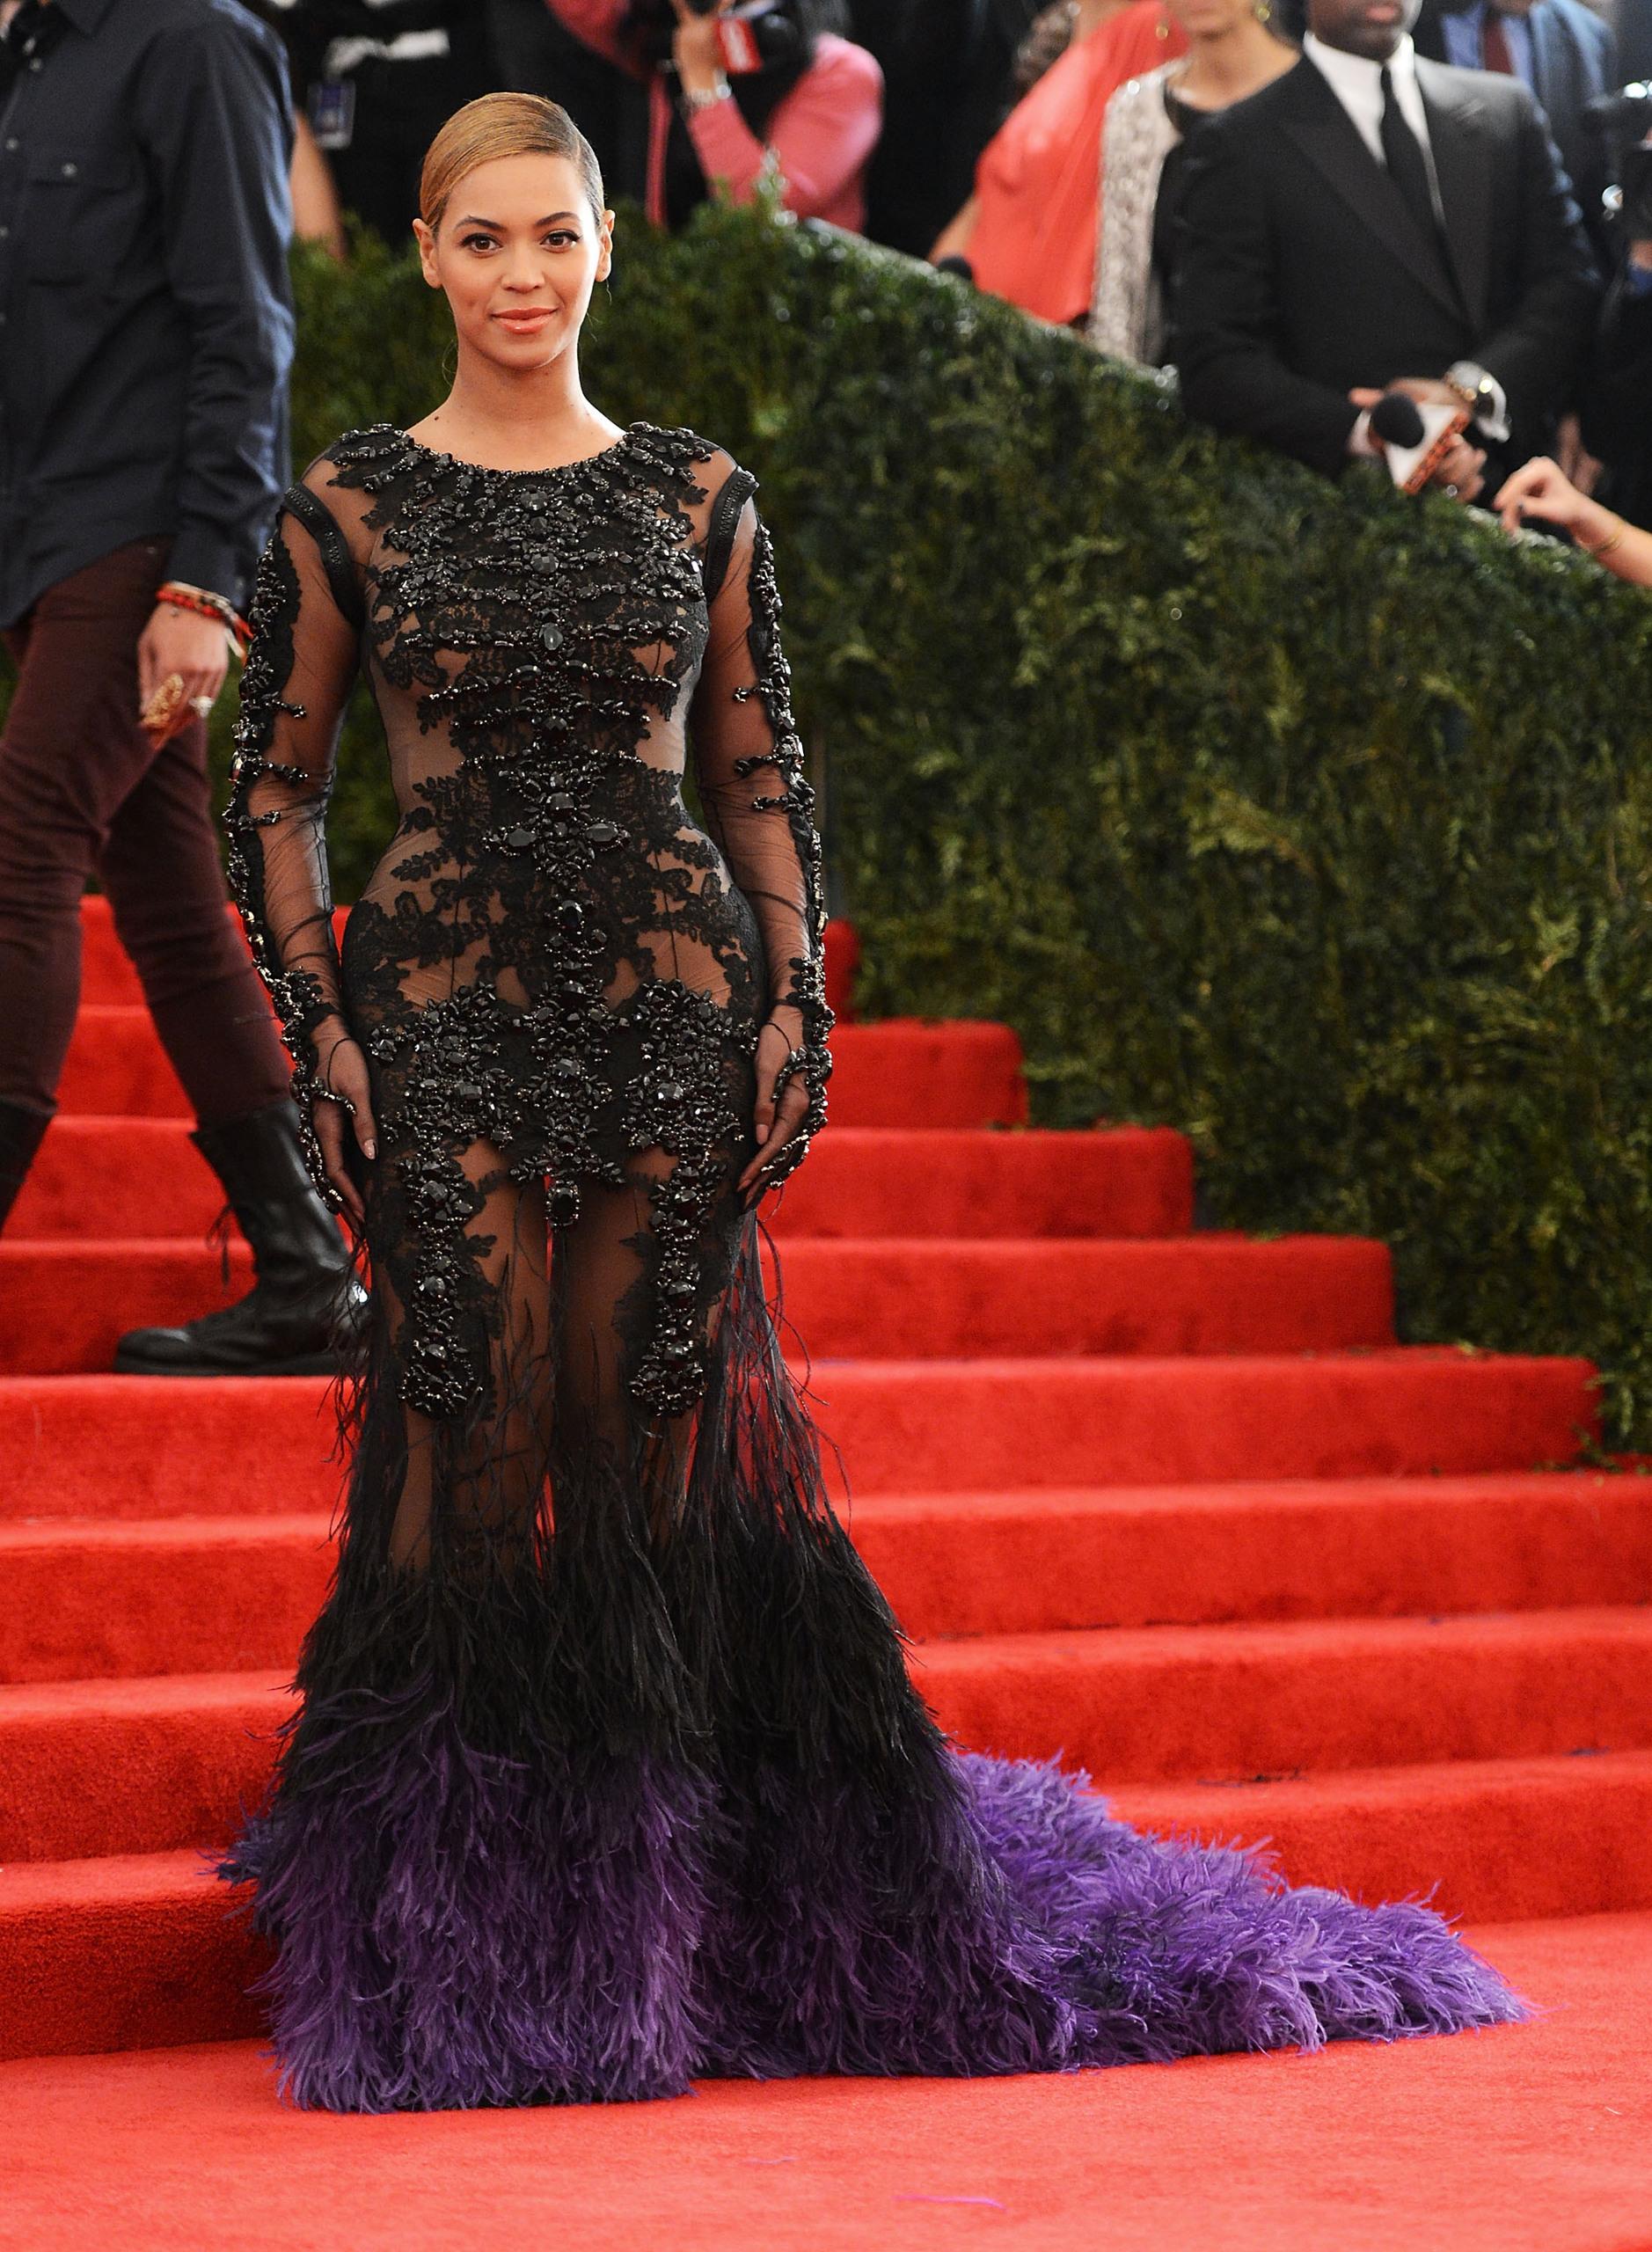 Бейонсе (Beyoncé) в платье с бахромой